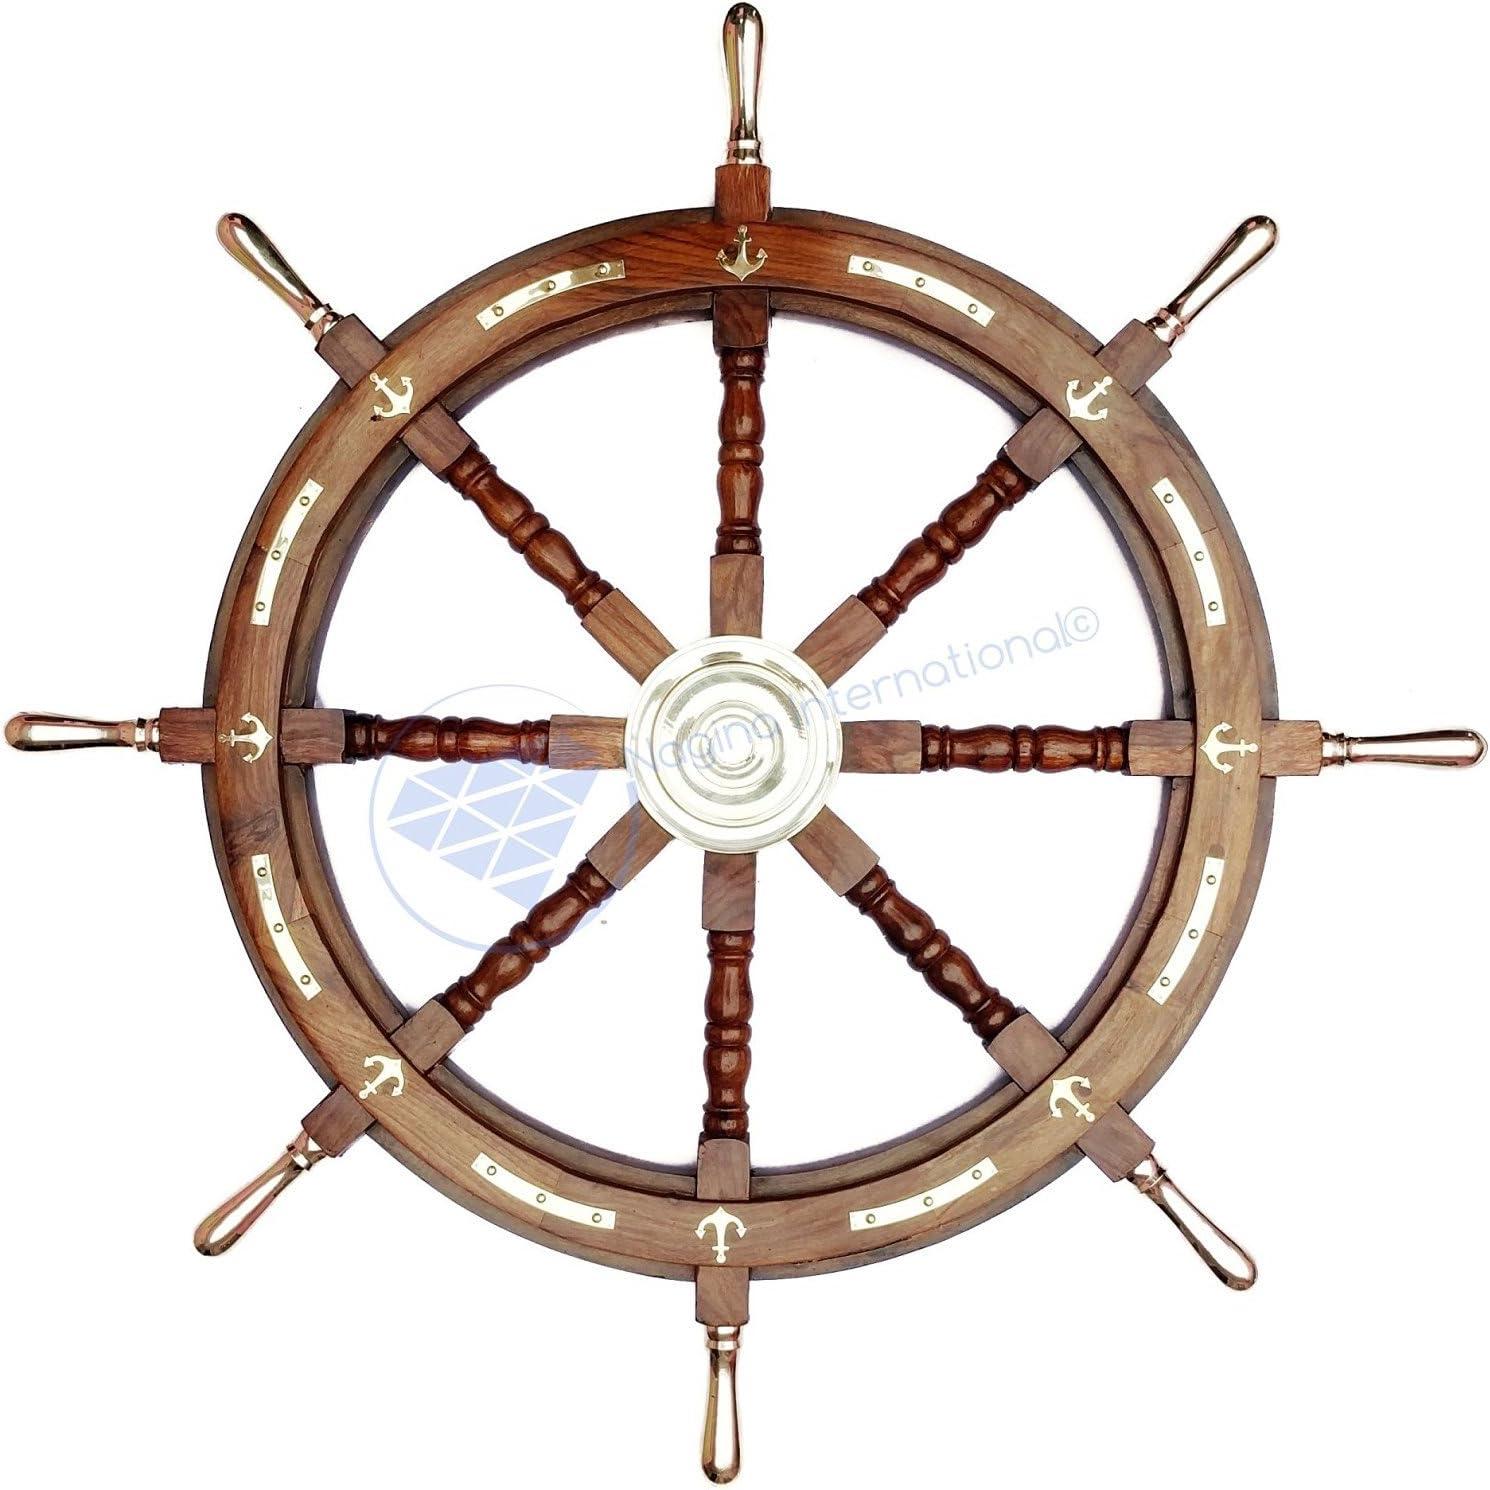 中古 Nagina International Wood 送料無料 激安 お買い得 キ゛フト Hand Crafted Anchor Ship Accent Brass